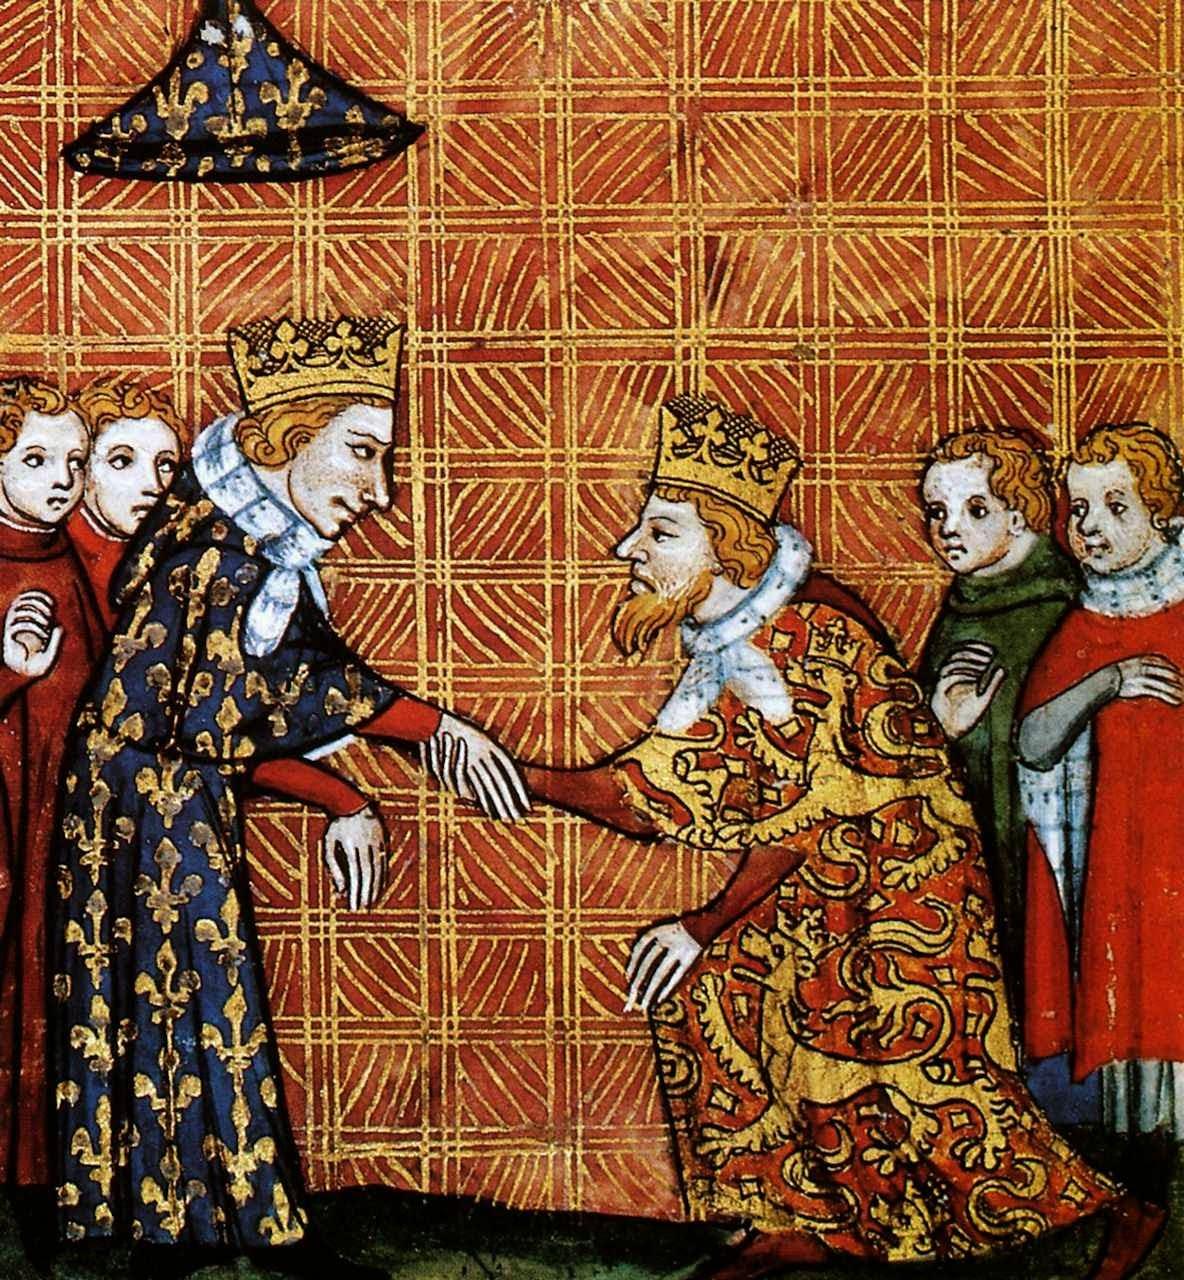 São Luís recebe a vassalagem de Henrique III da Inglaterra